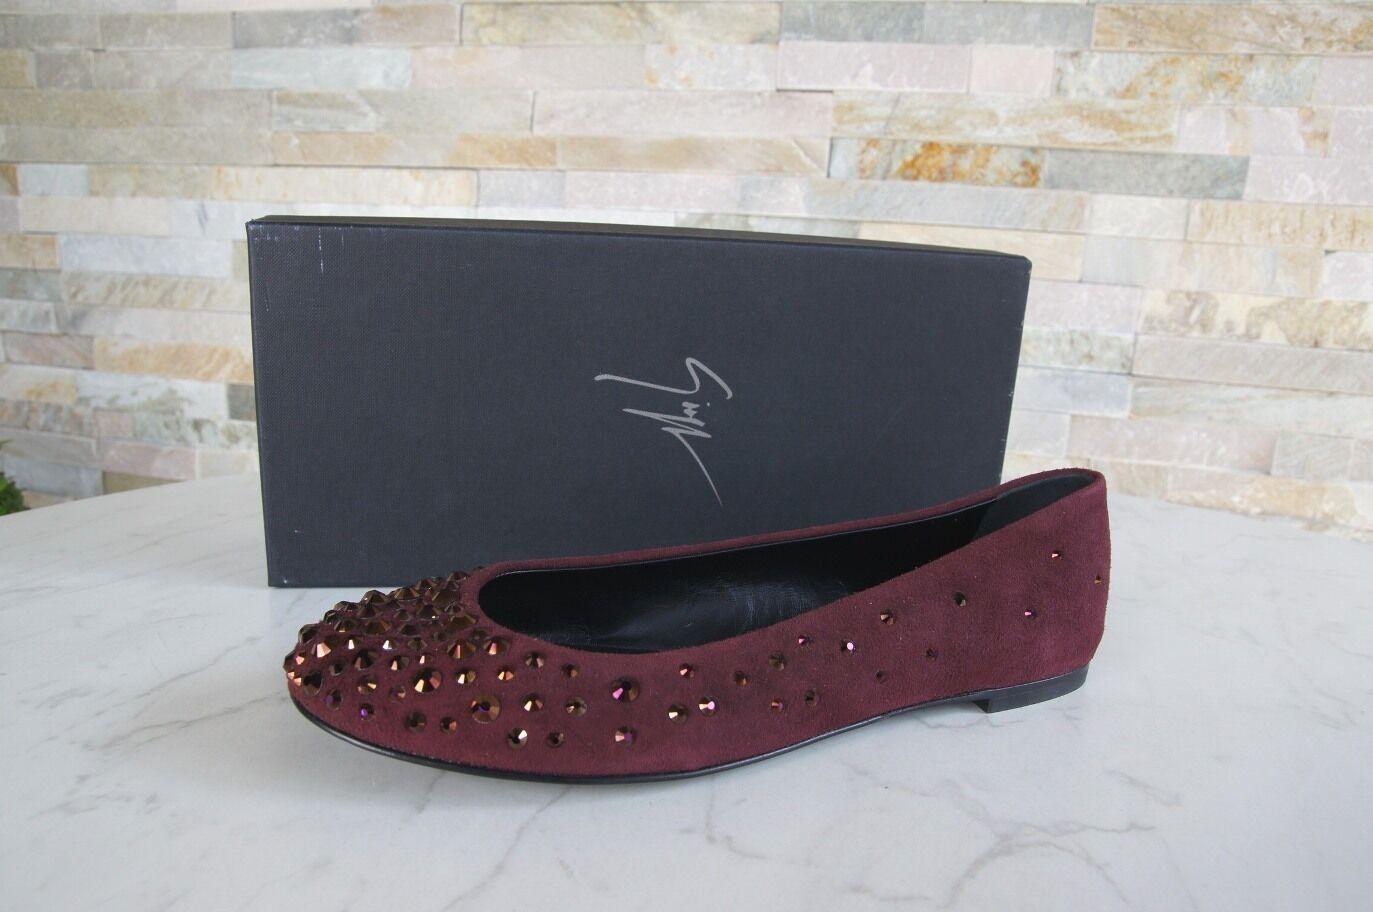 Giuseppe Zanotti Zanotti Zanotti N. 41 Ballerine slipper scarpe Pinot ROSSO NUOVO ex. UVP | The Queen Of Quality  | Sig/Sig Ra Scarpa  e18bdd